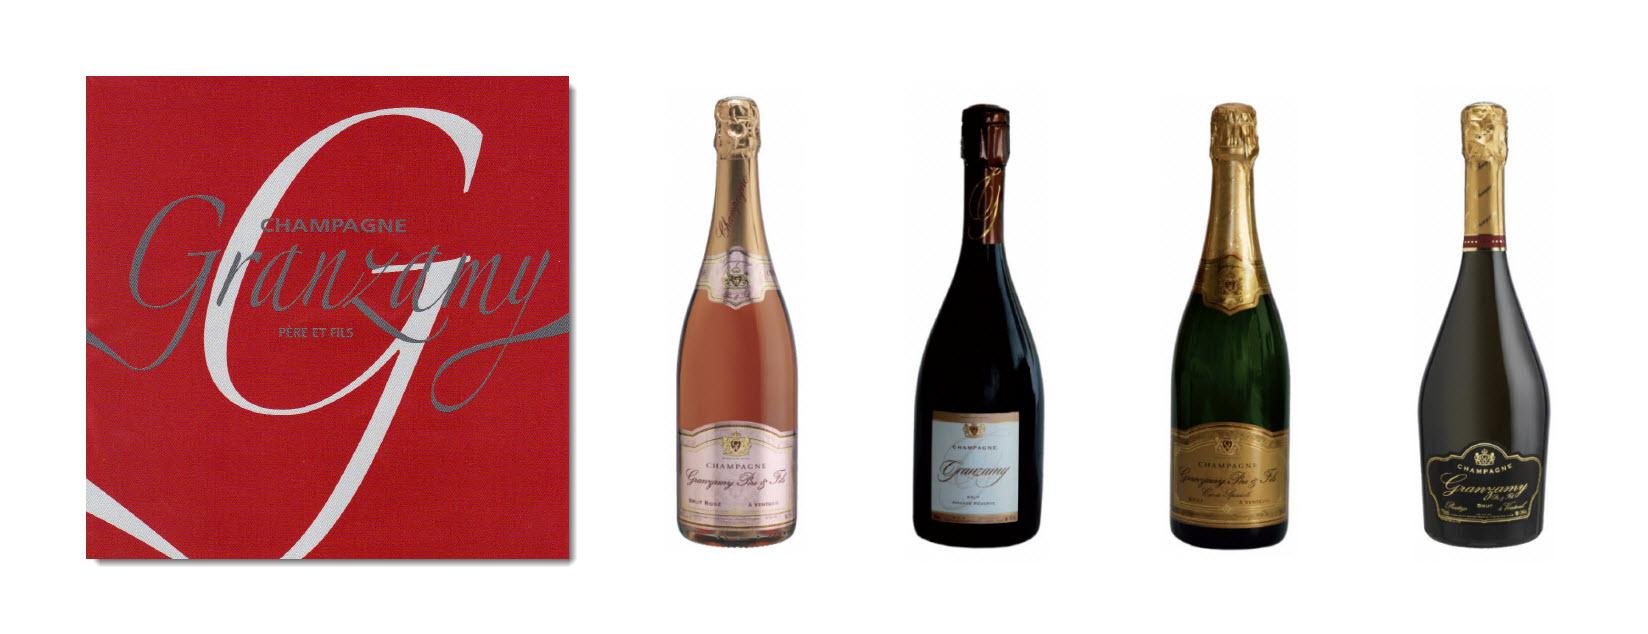 champagne granzamy